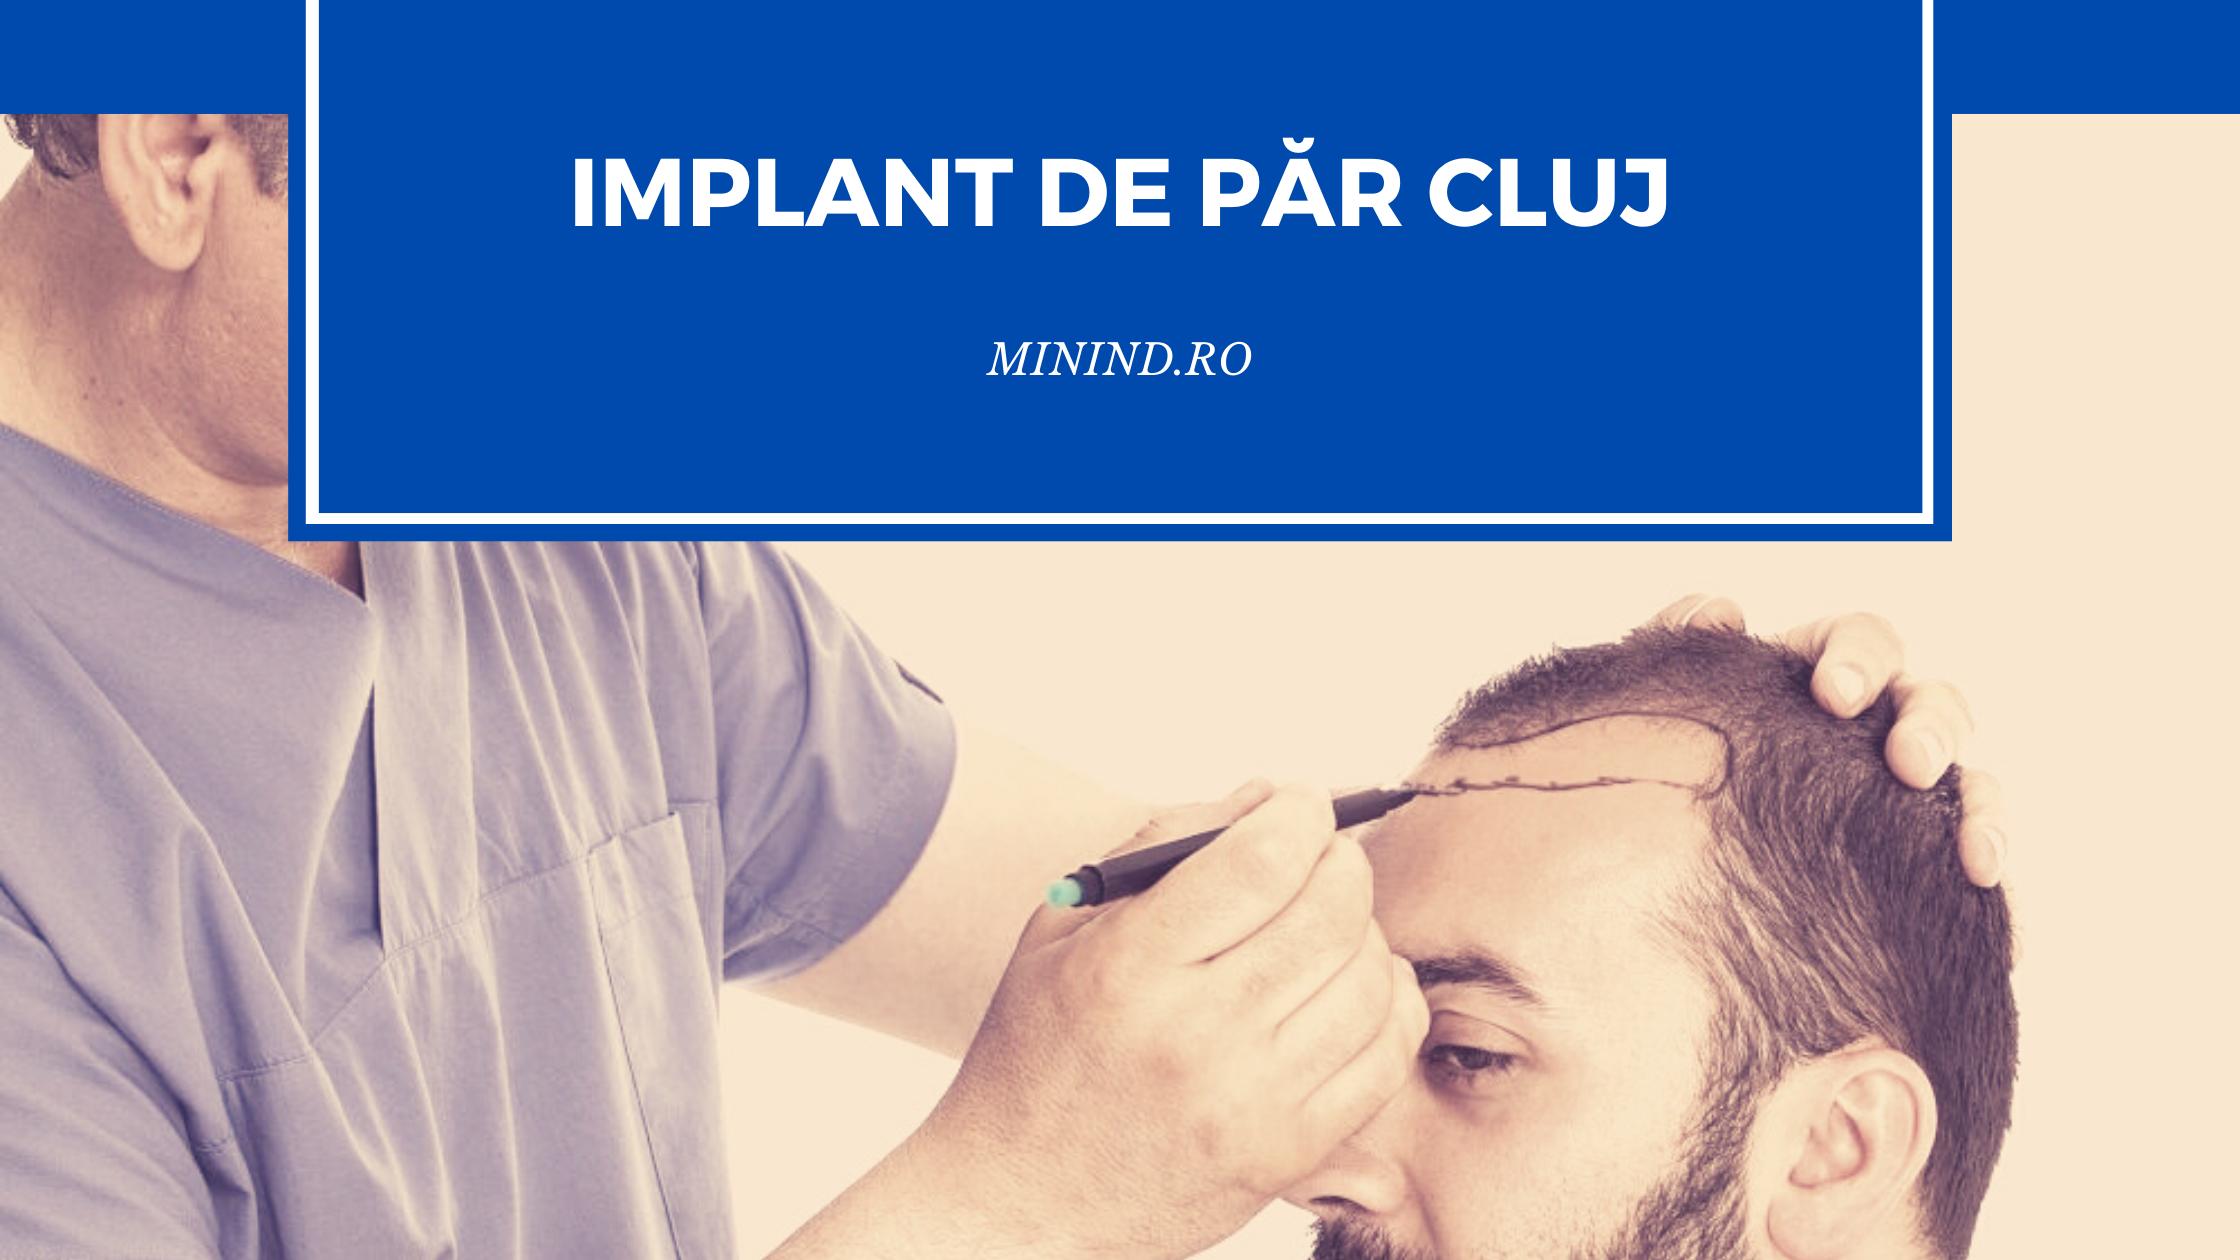 implant de par cluj